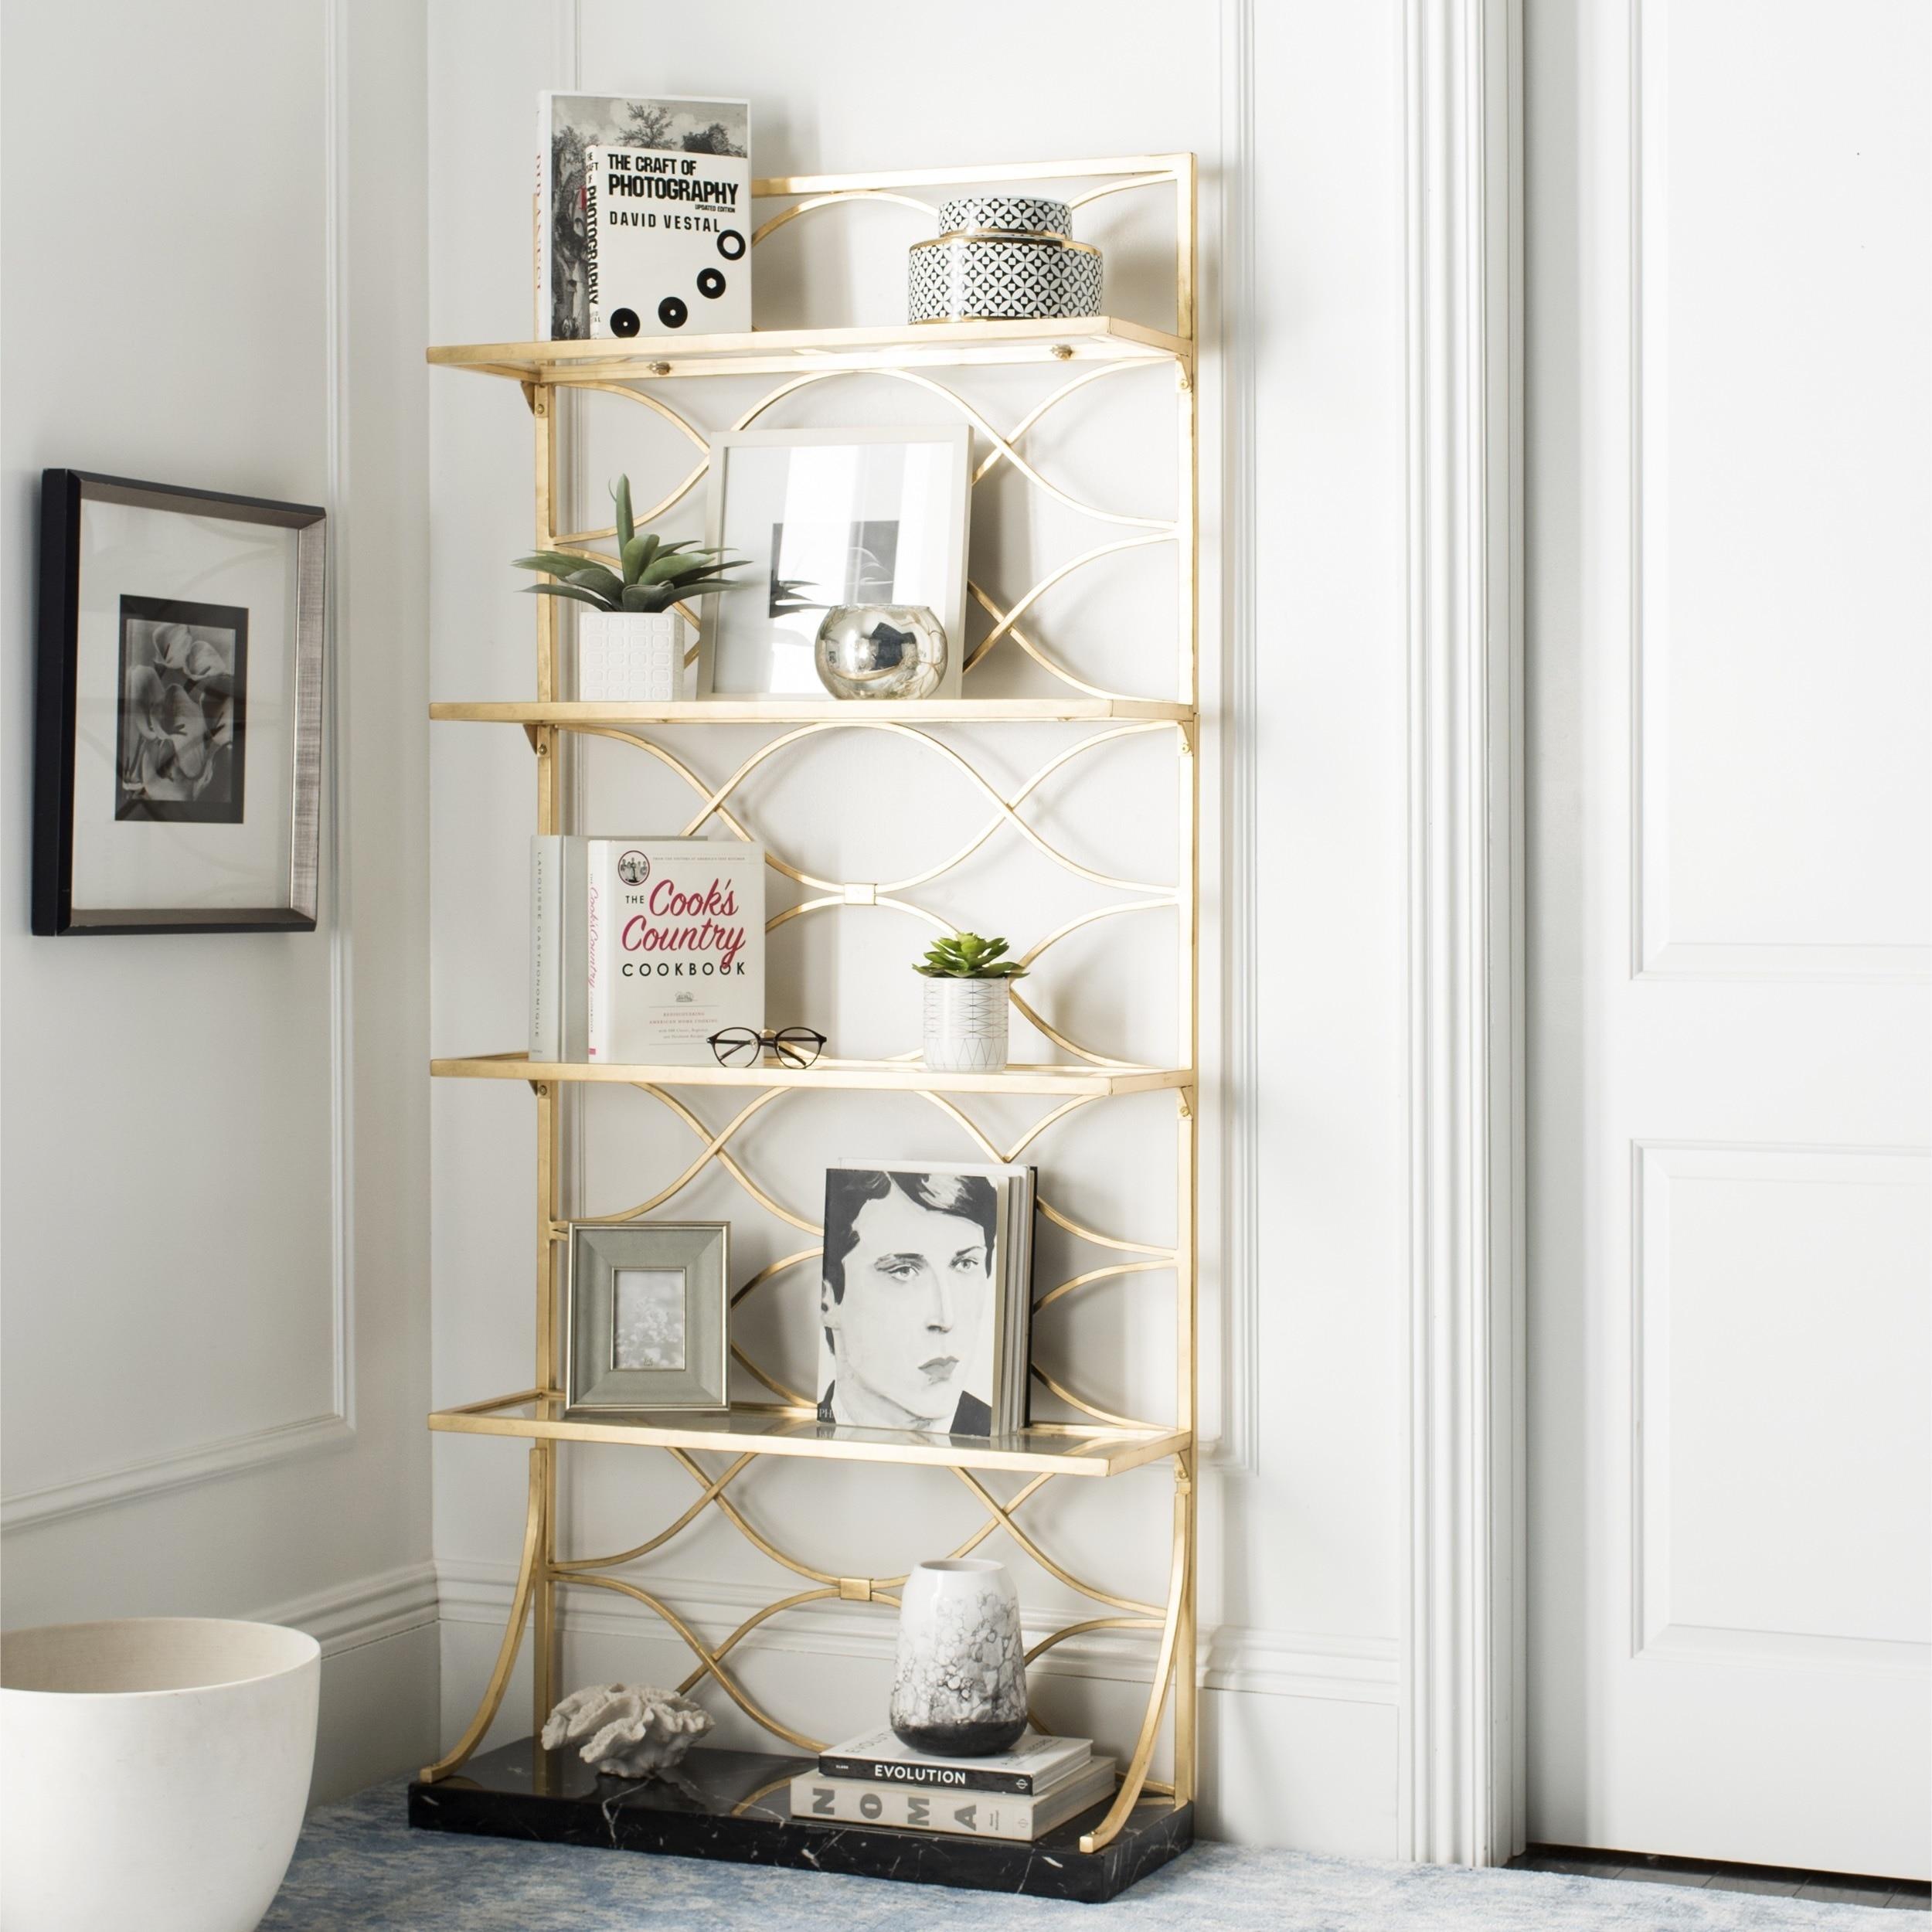 Étagère de salle de bain étagère d'angle sur pied étagère sur pied bibliothèque en or brossé étagère de rangement étagère à vin, support universel